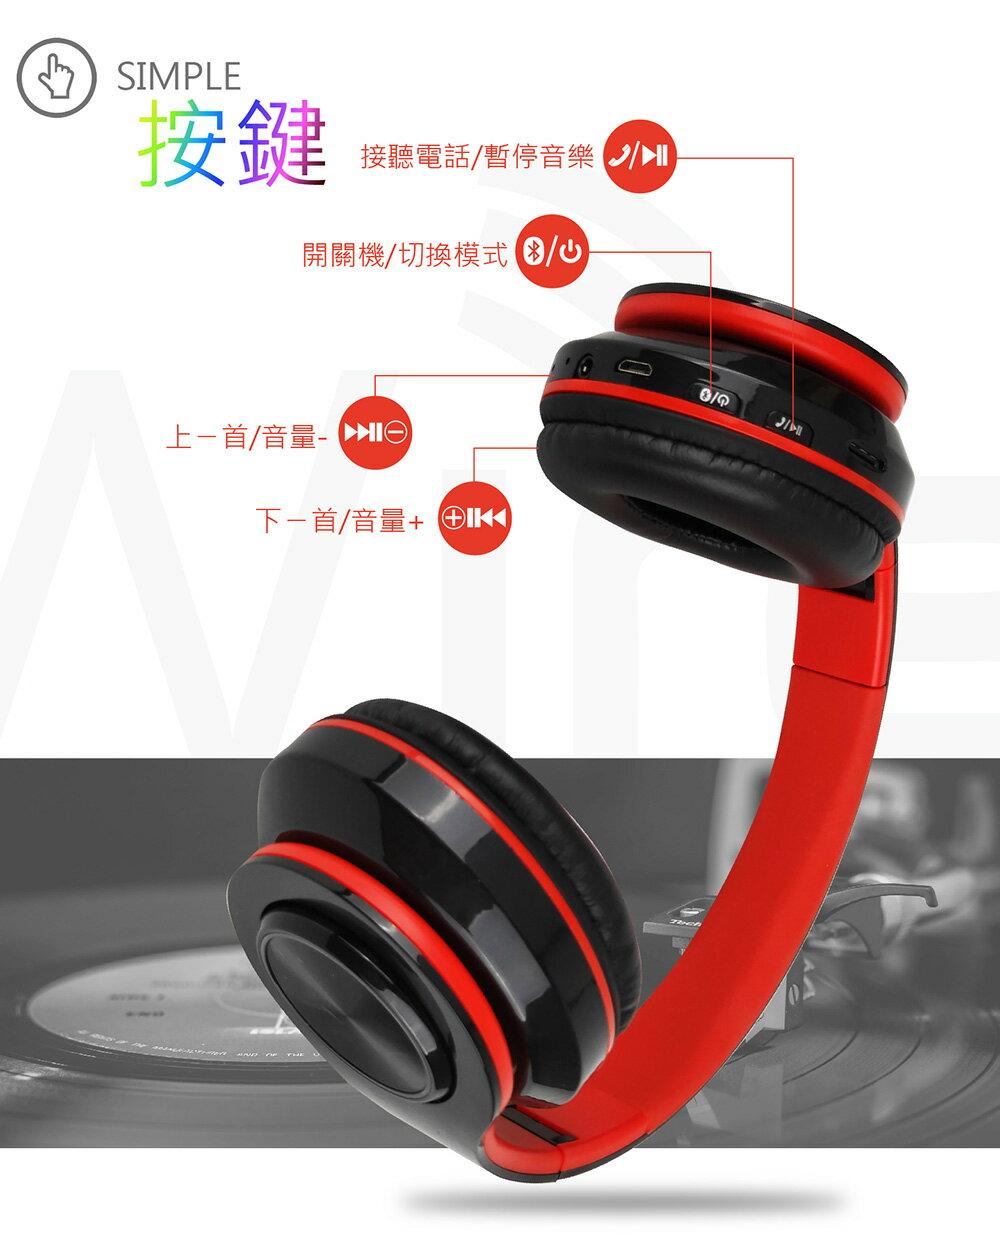 【耳罩式升級版!Wireless炫彩藍牙耳機】可插卡 耳罩式藍牙耳機 可折疊 無線藍芽耳機 藍芽耳機 藍牙 藍芽【DC065】 7